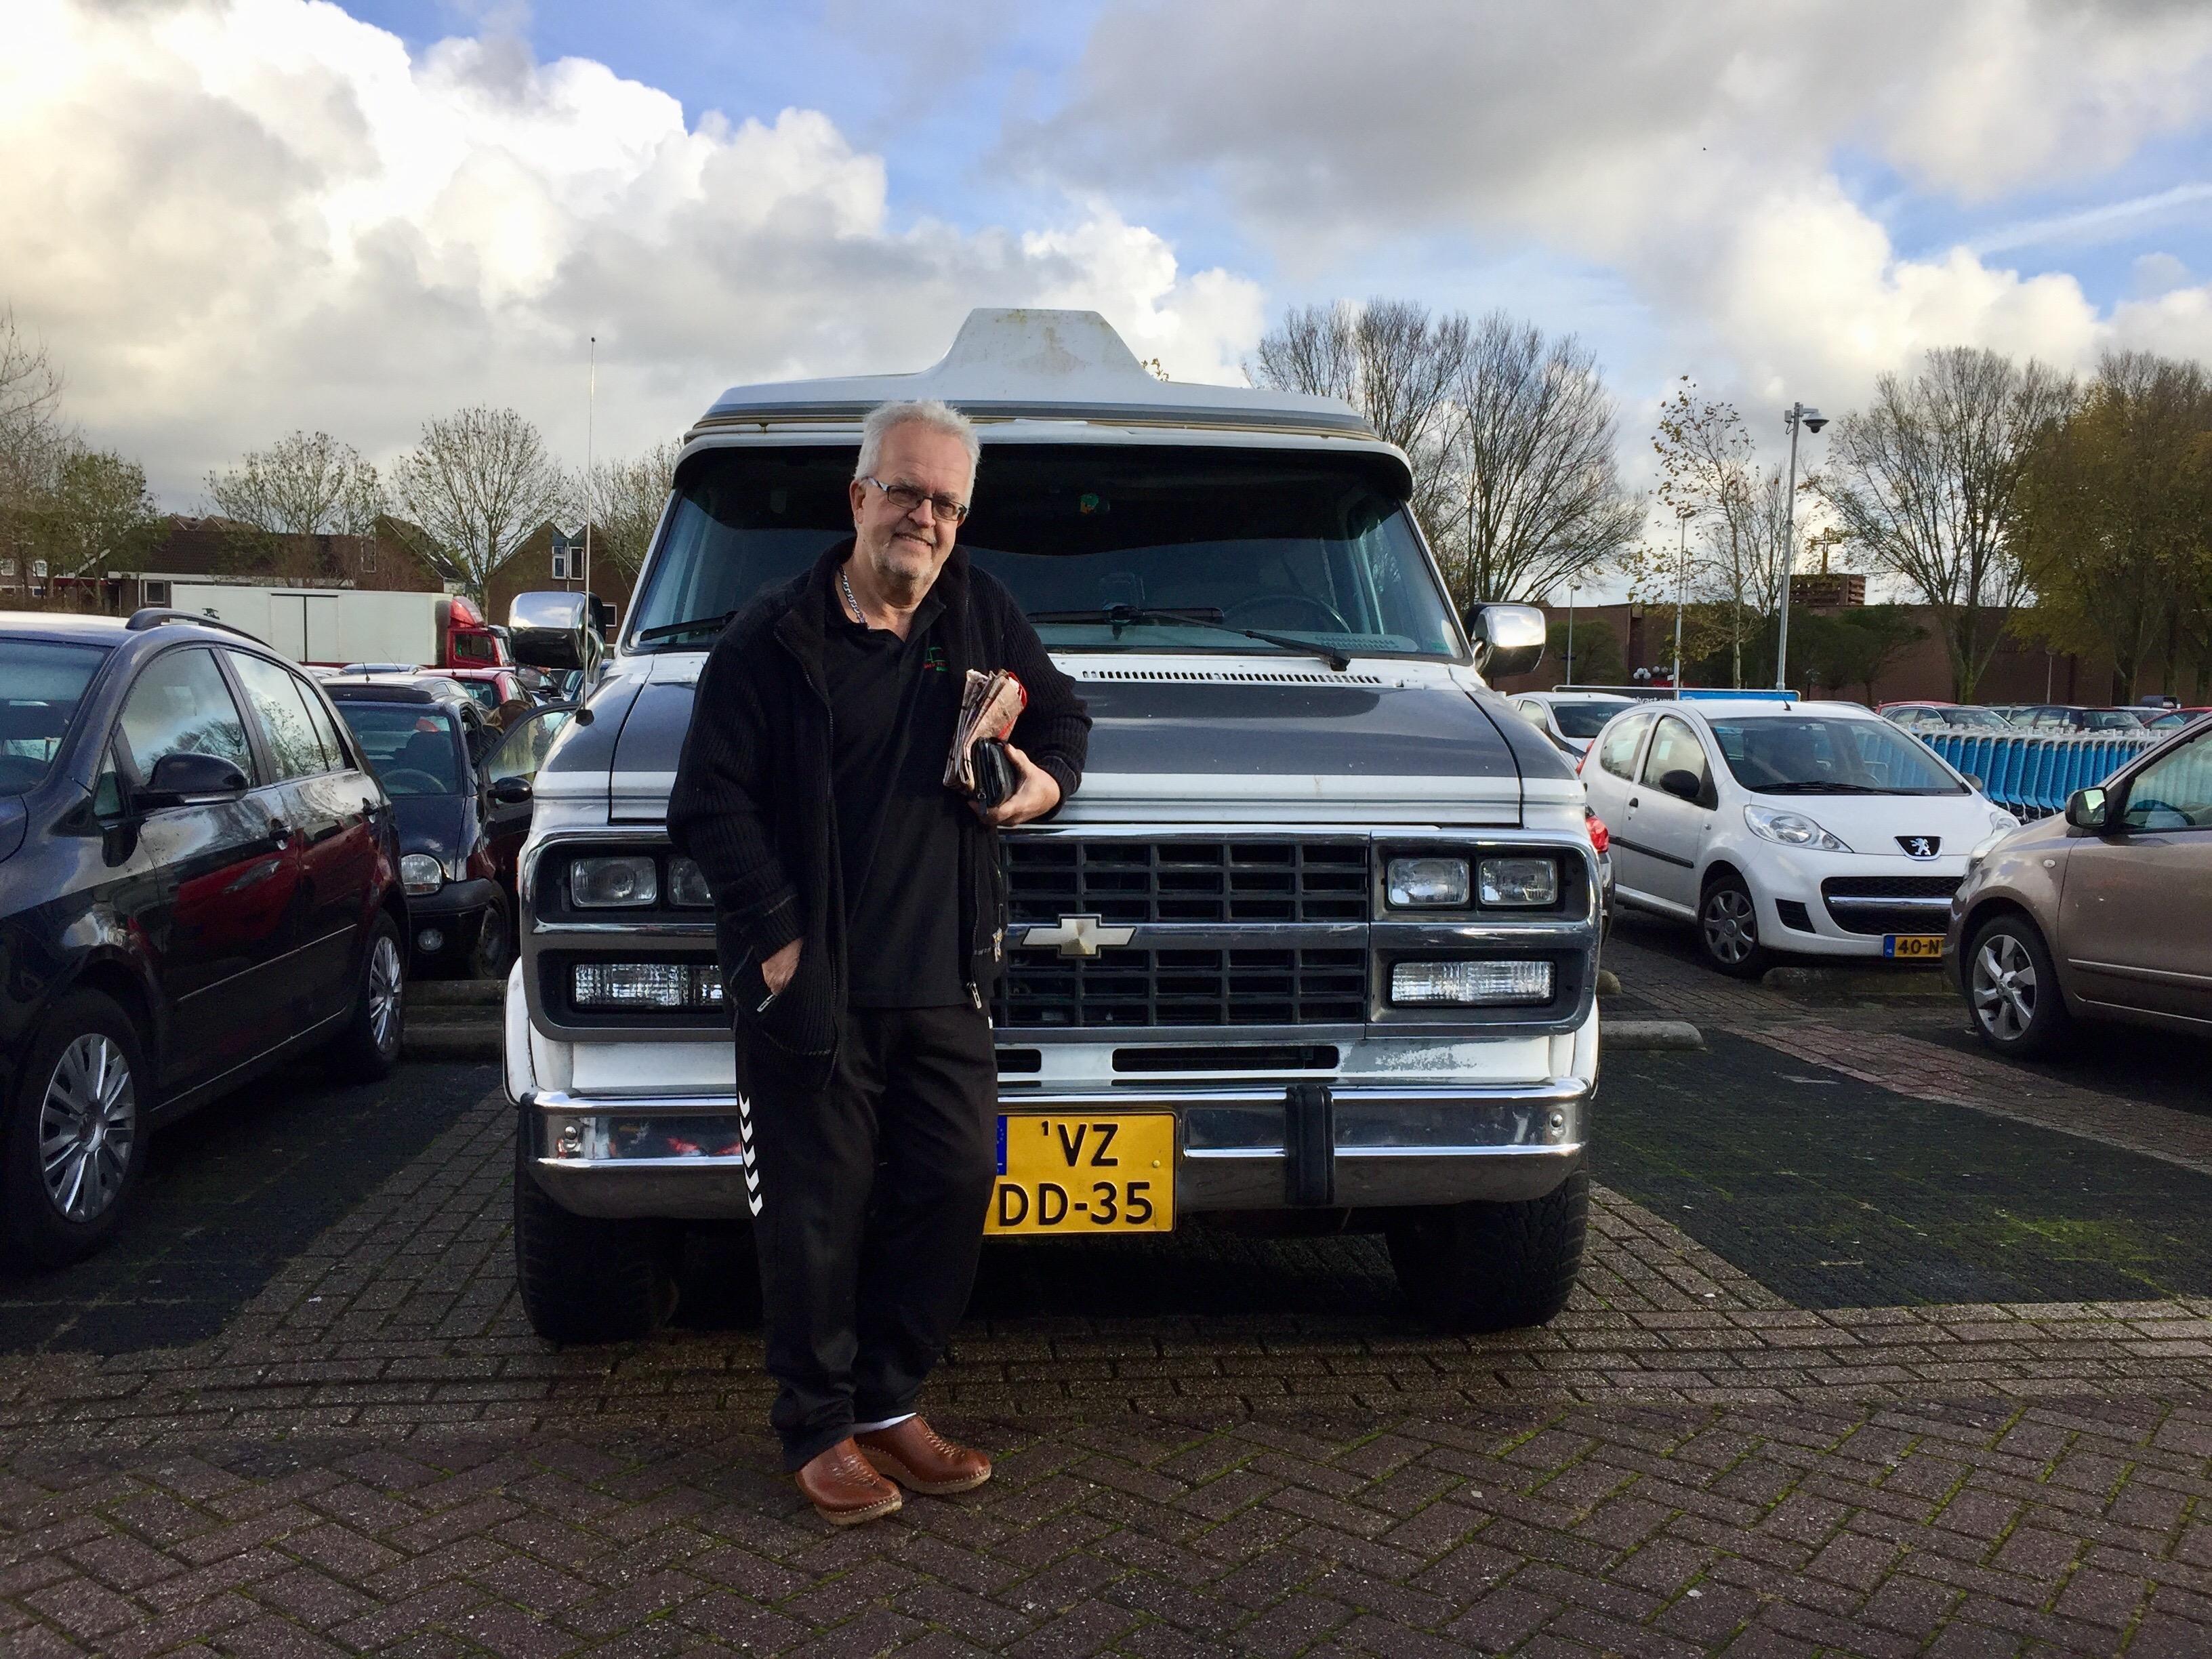 Onderweg: Kees Volkers (68) uit Sint Pancras is al vijftig jaar vrachtwagenchauffeur en rijdt nog steeds fluitend over de internationale wegen - Noordhollands Dagblad